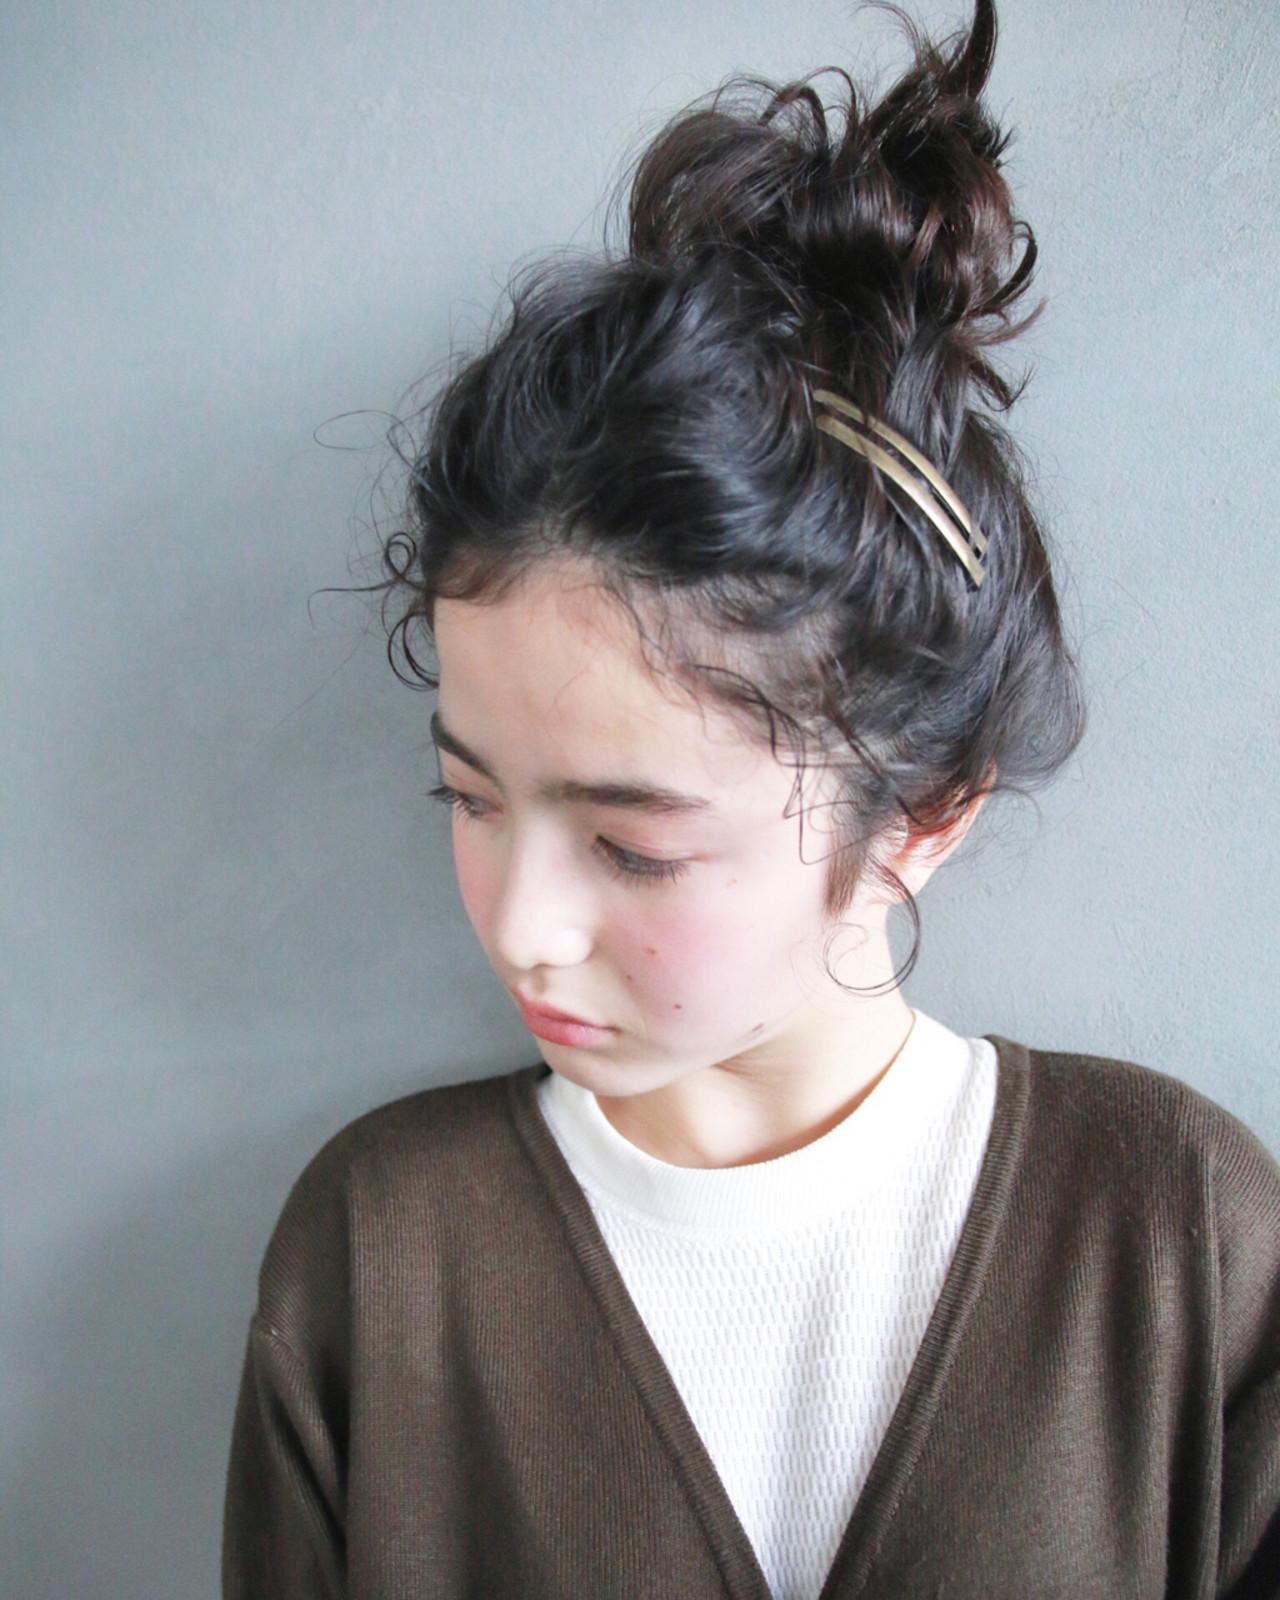 ヘアアレンジ 外国人風 セミロング 簡単ヘアアレンジ ヘアスタイルや髪型の写真・画像 | 津崎 伸二 / nanuk / nanuk渋谷店(ナヌーク)